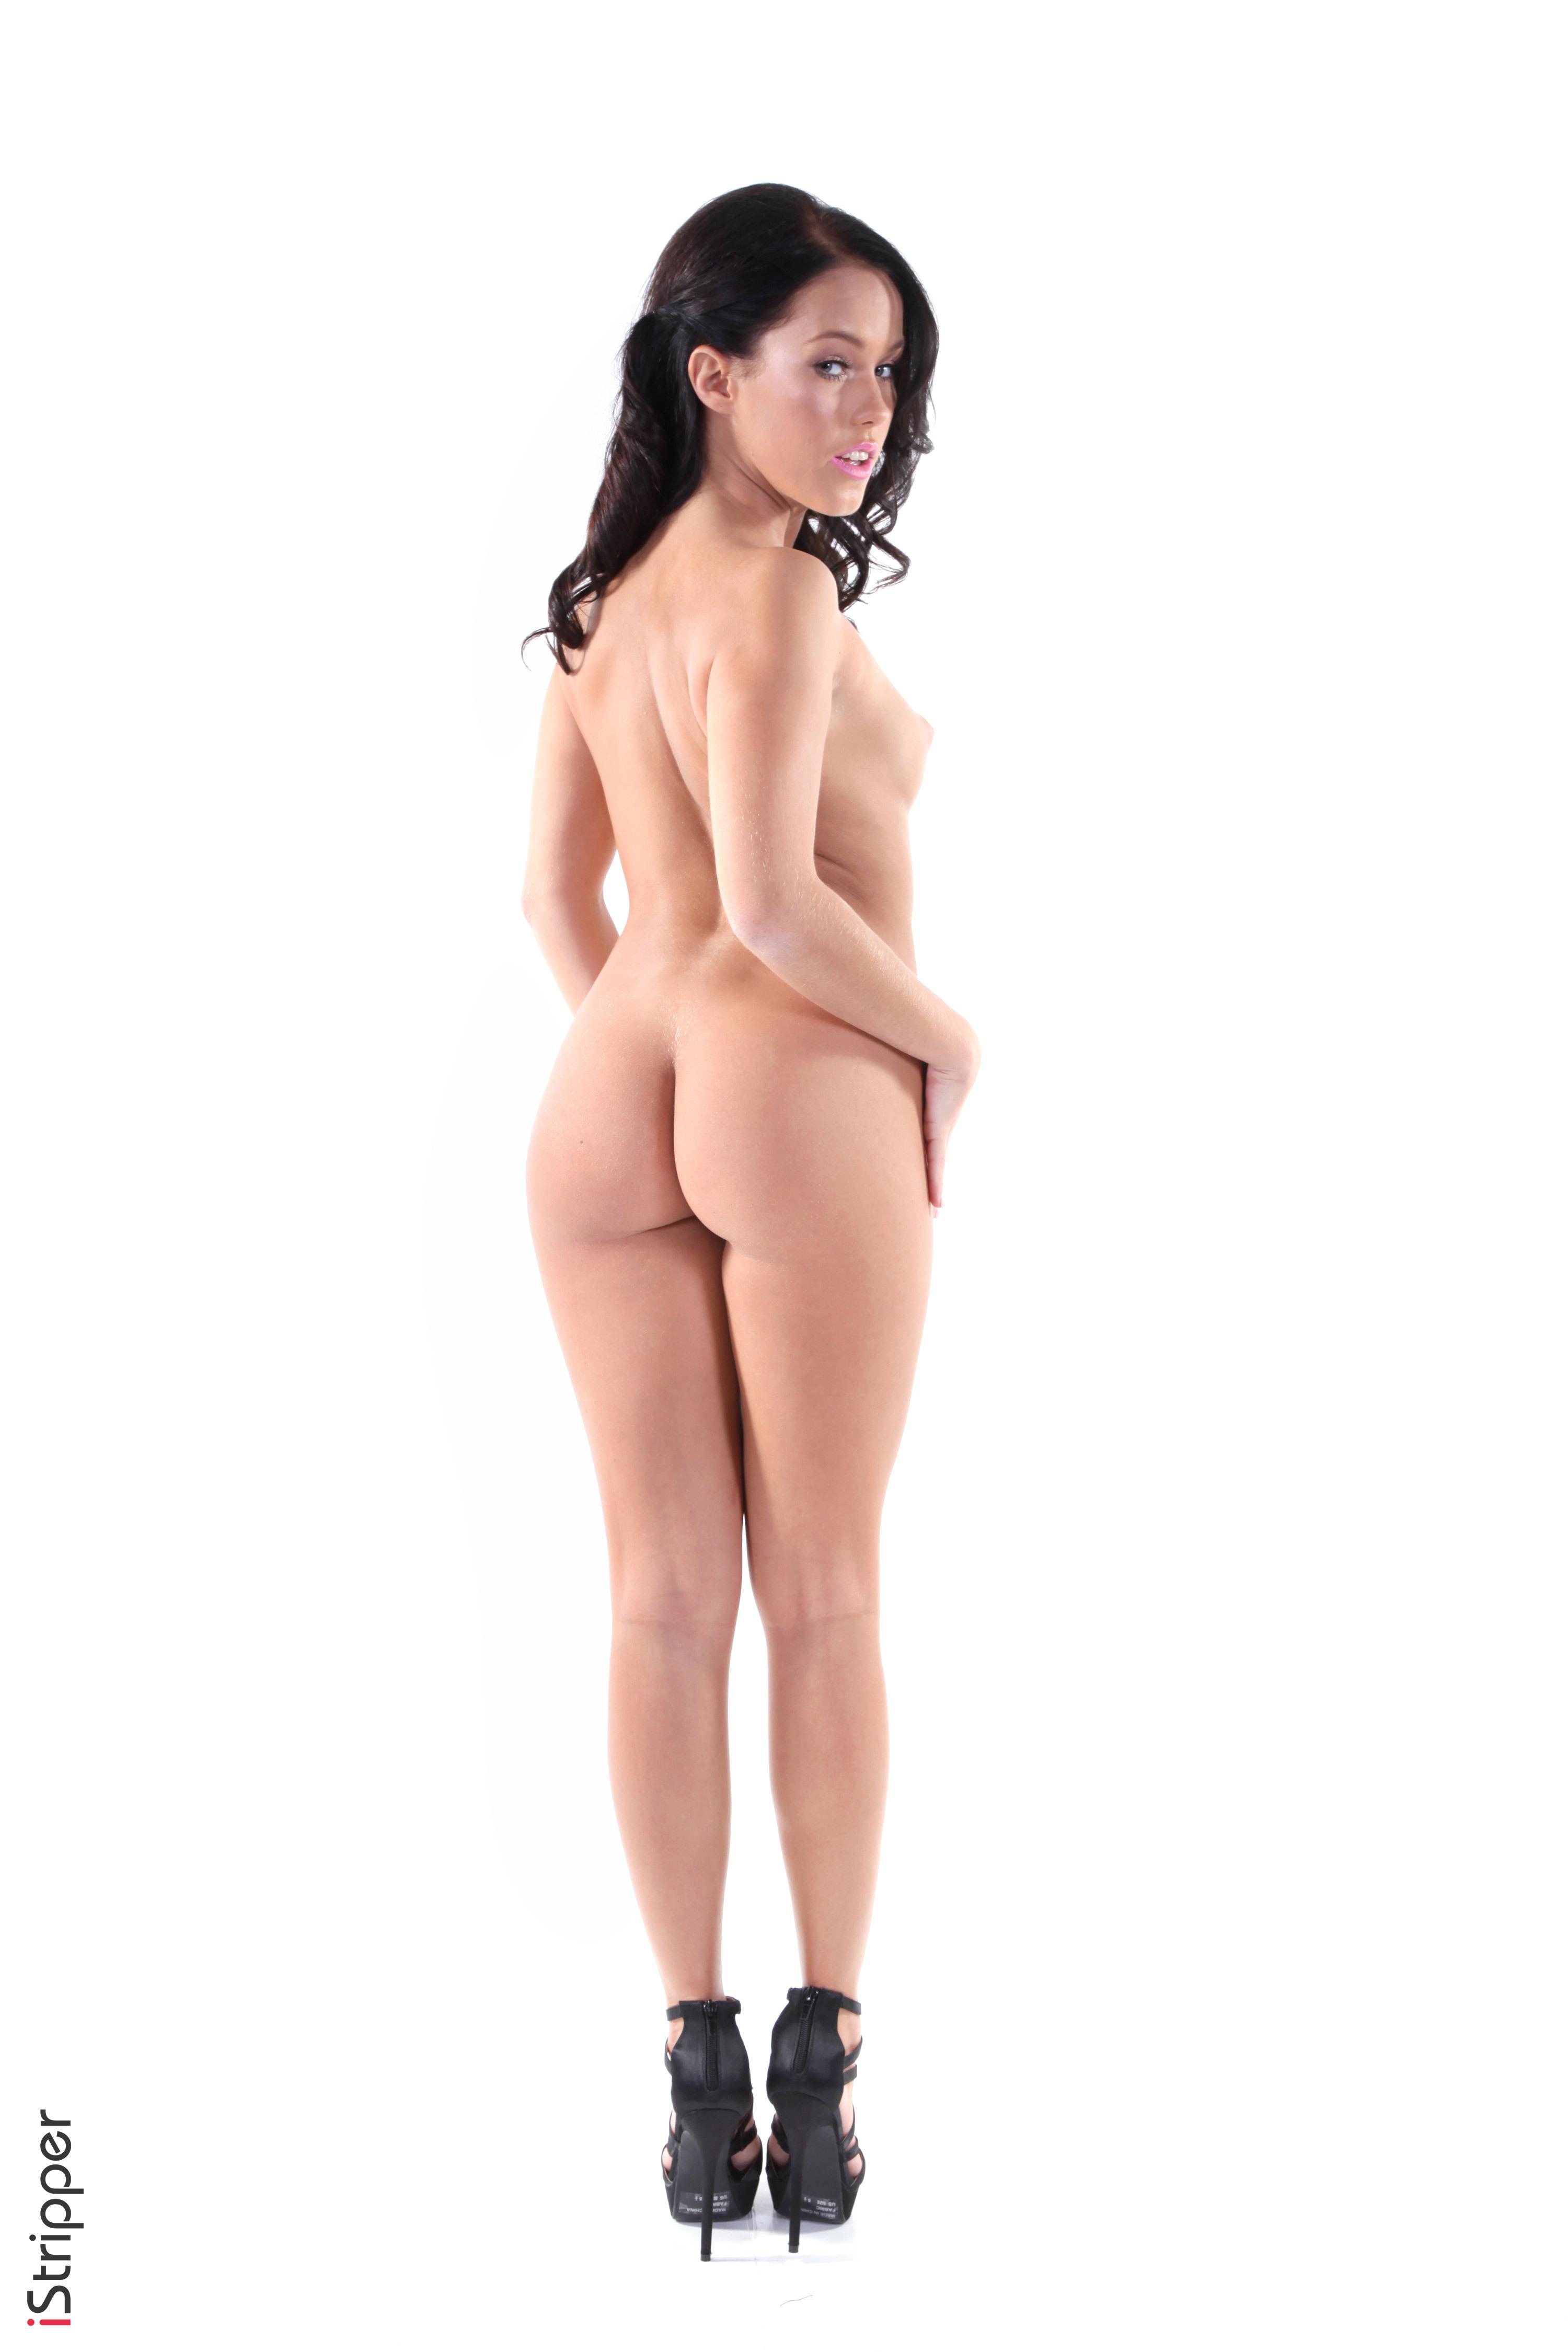 shu qi nude hd wallpapers